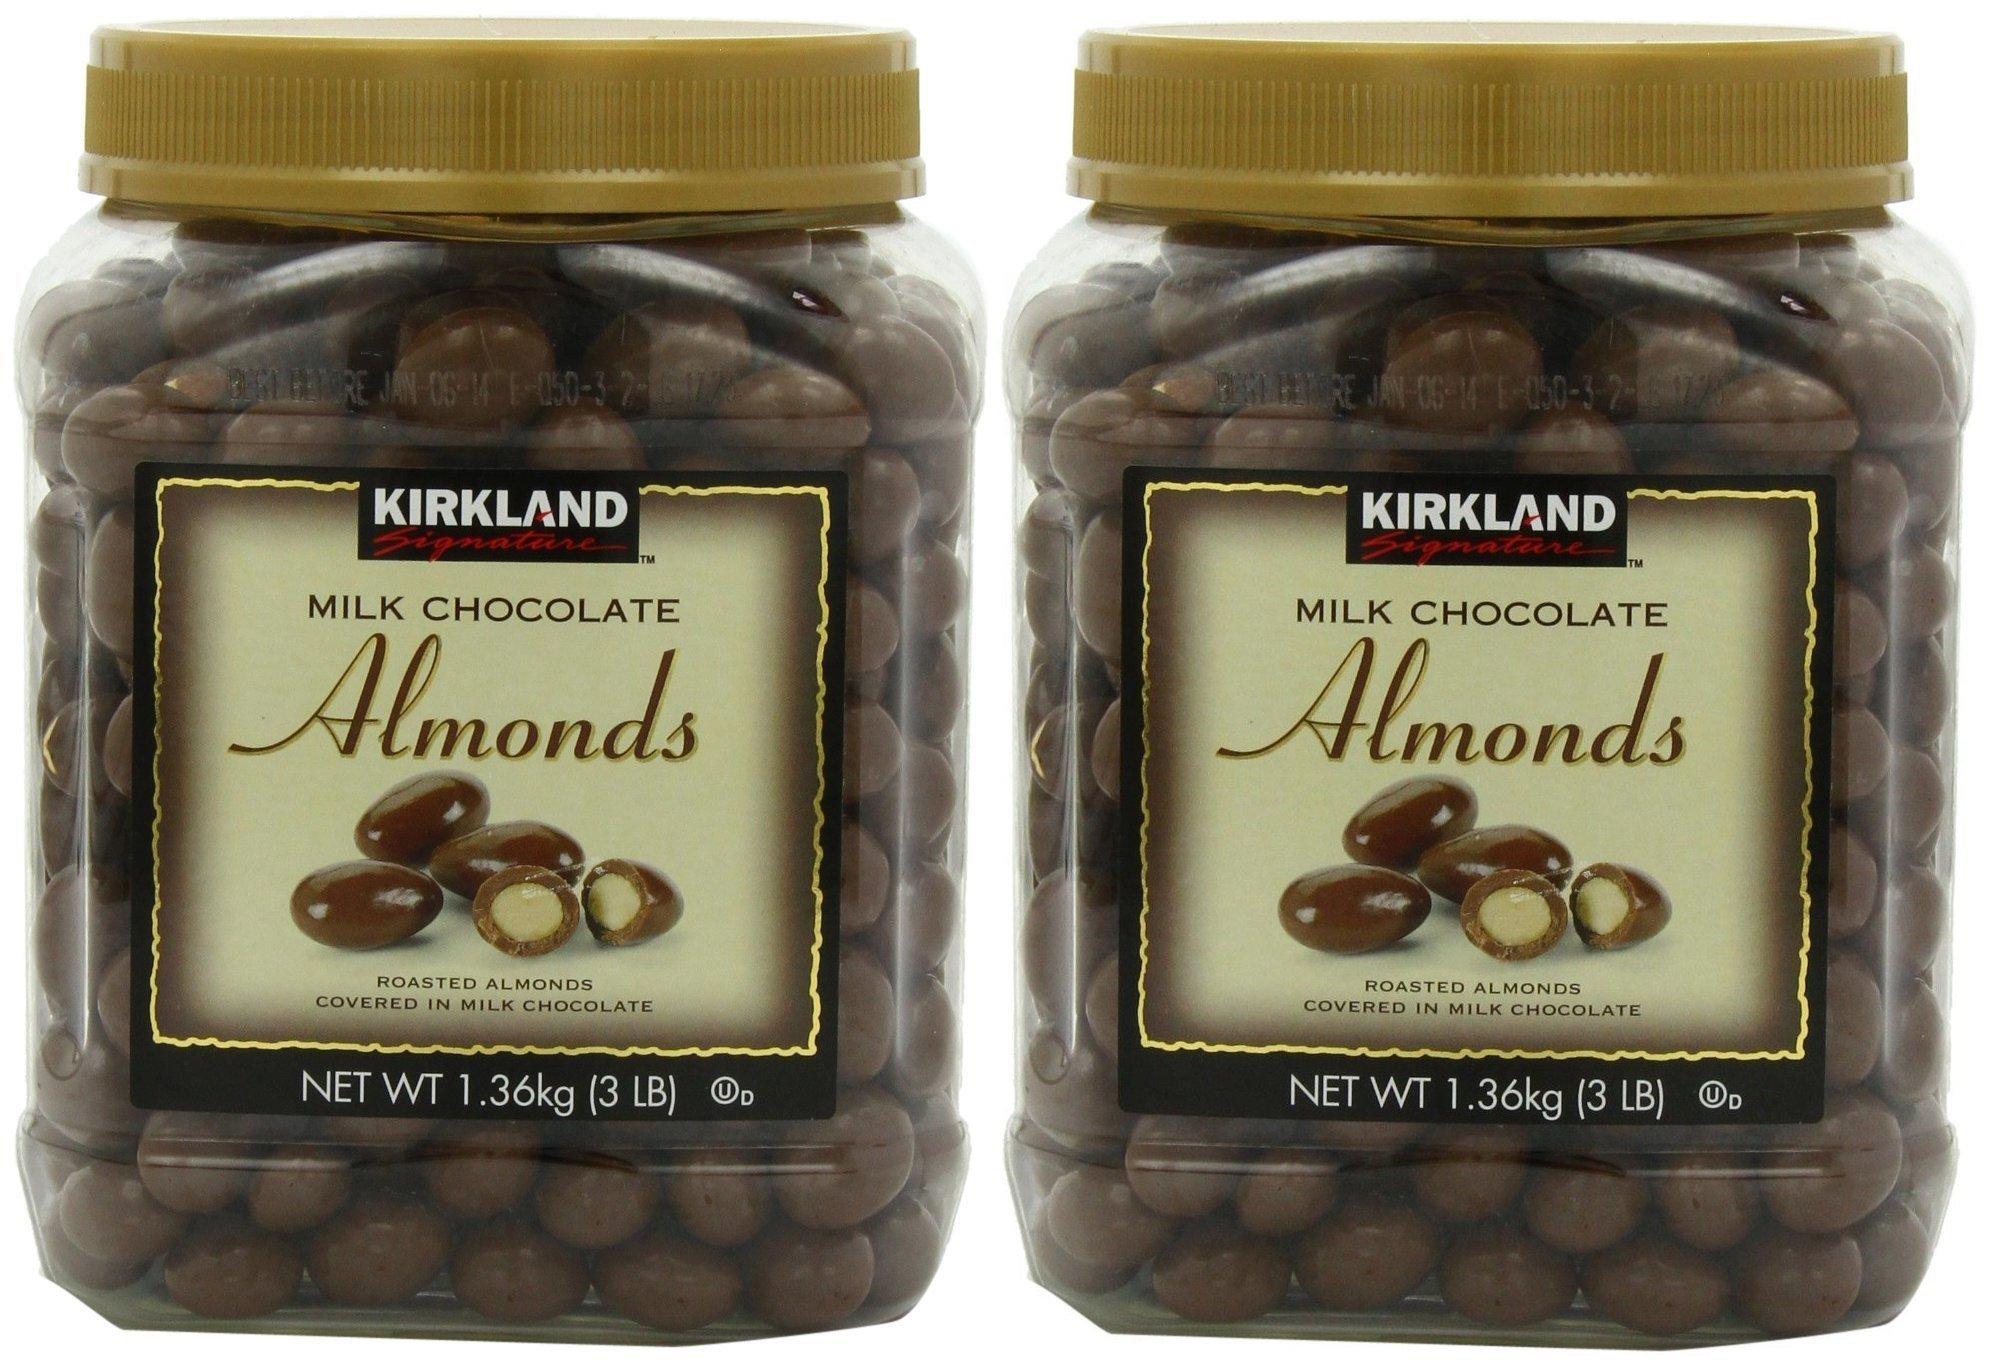 Kirkland Signature's Milk Chocolate, Almonds, 48 Ounce - 2 Jar